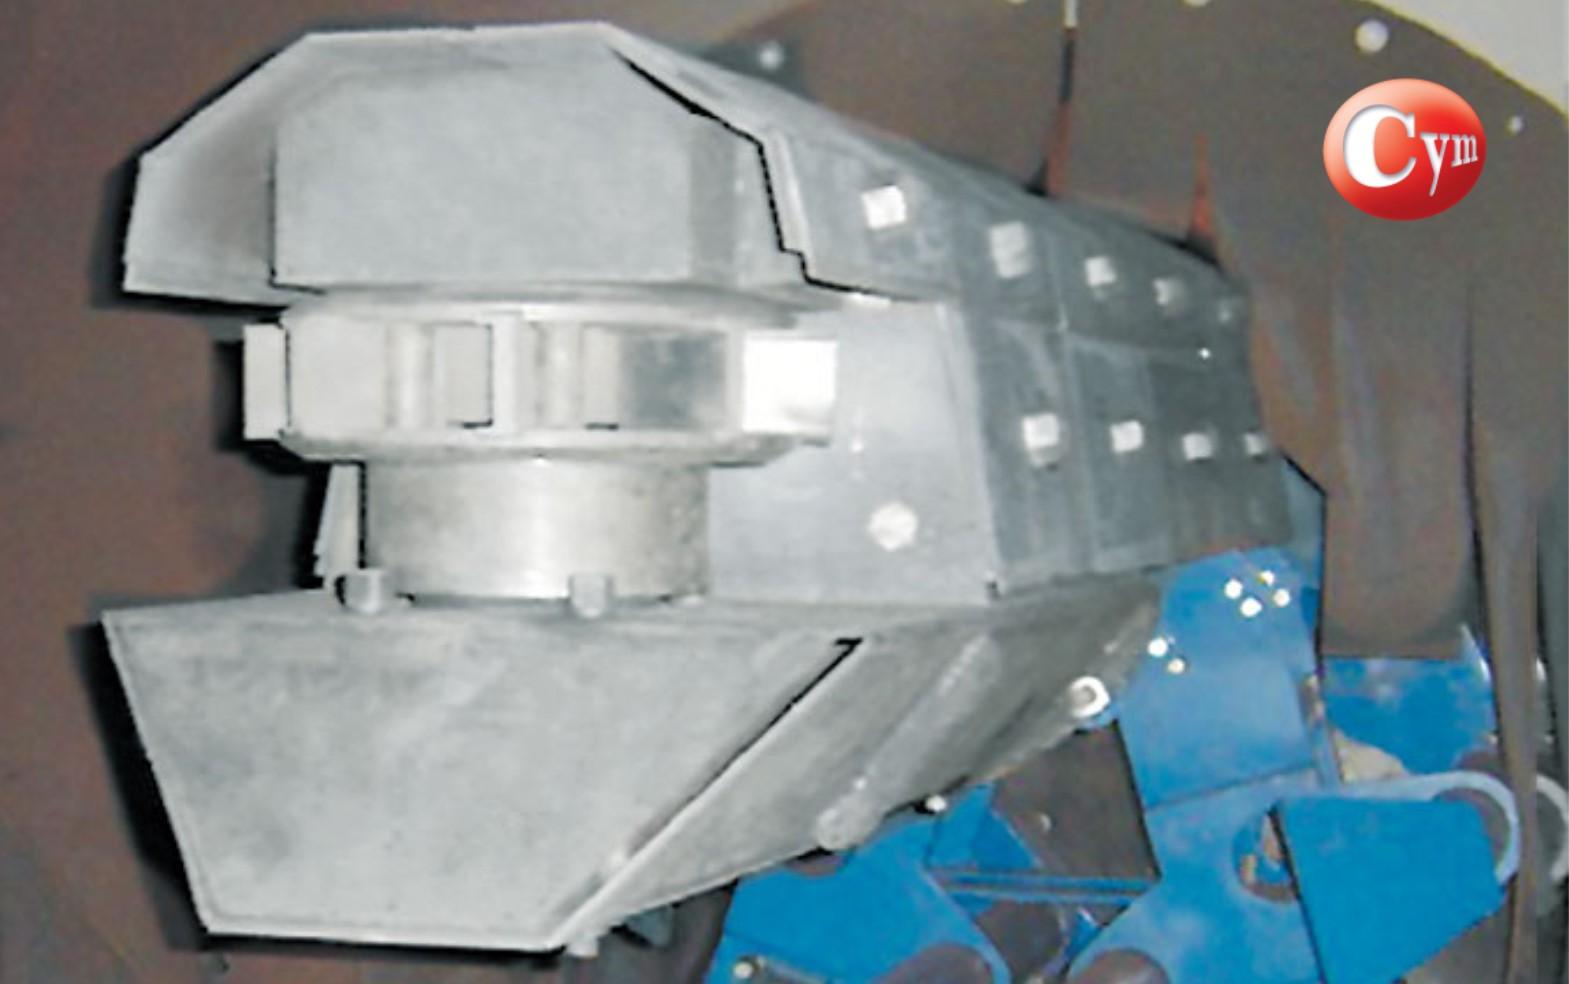 turbina-granallado-interno-de-tubos-cym